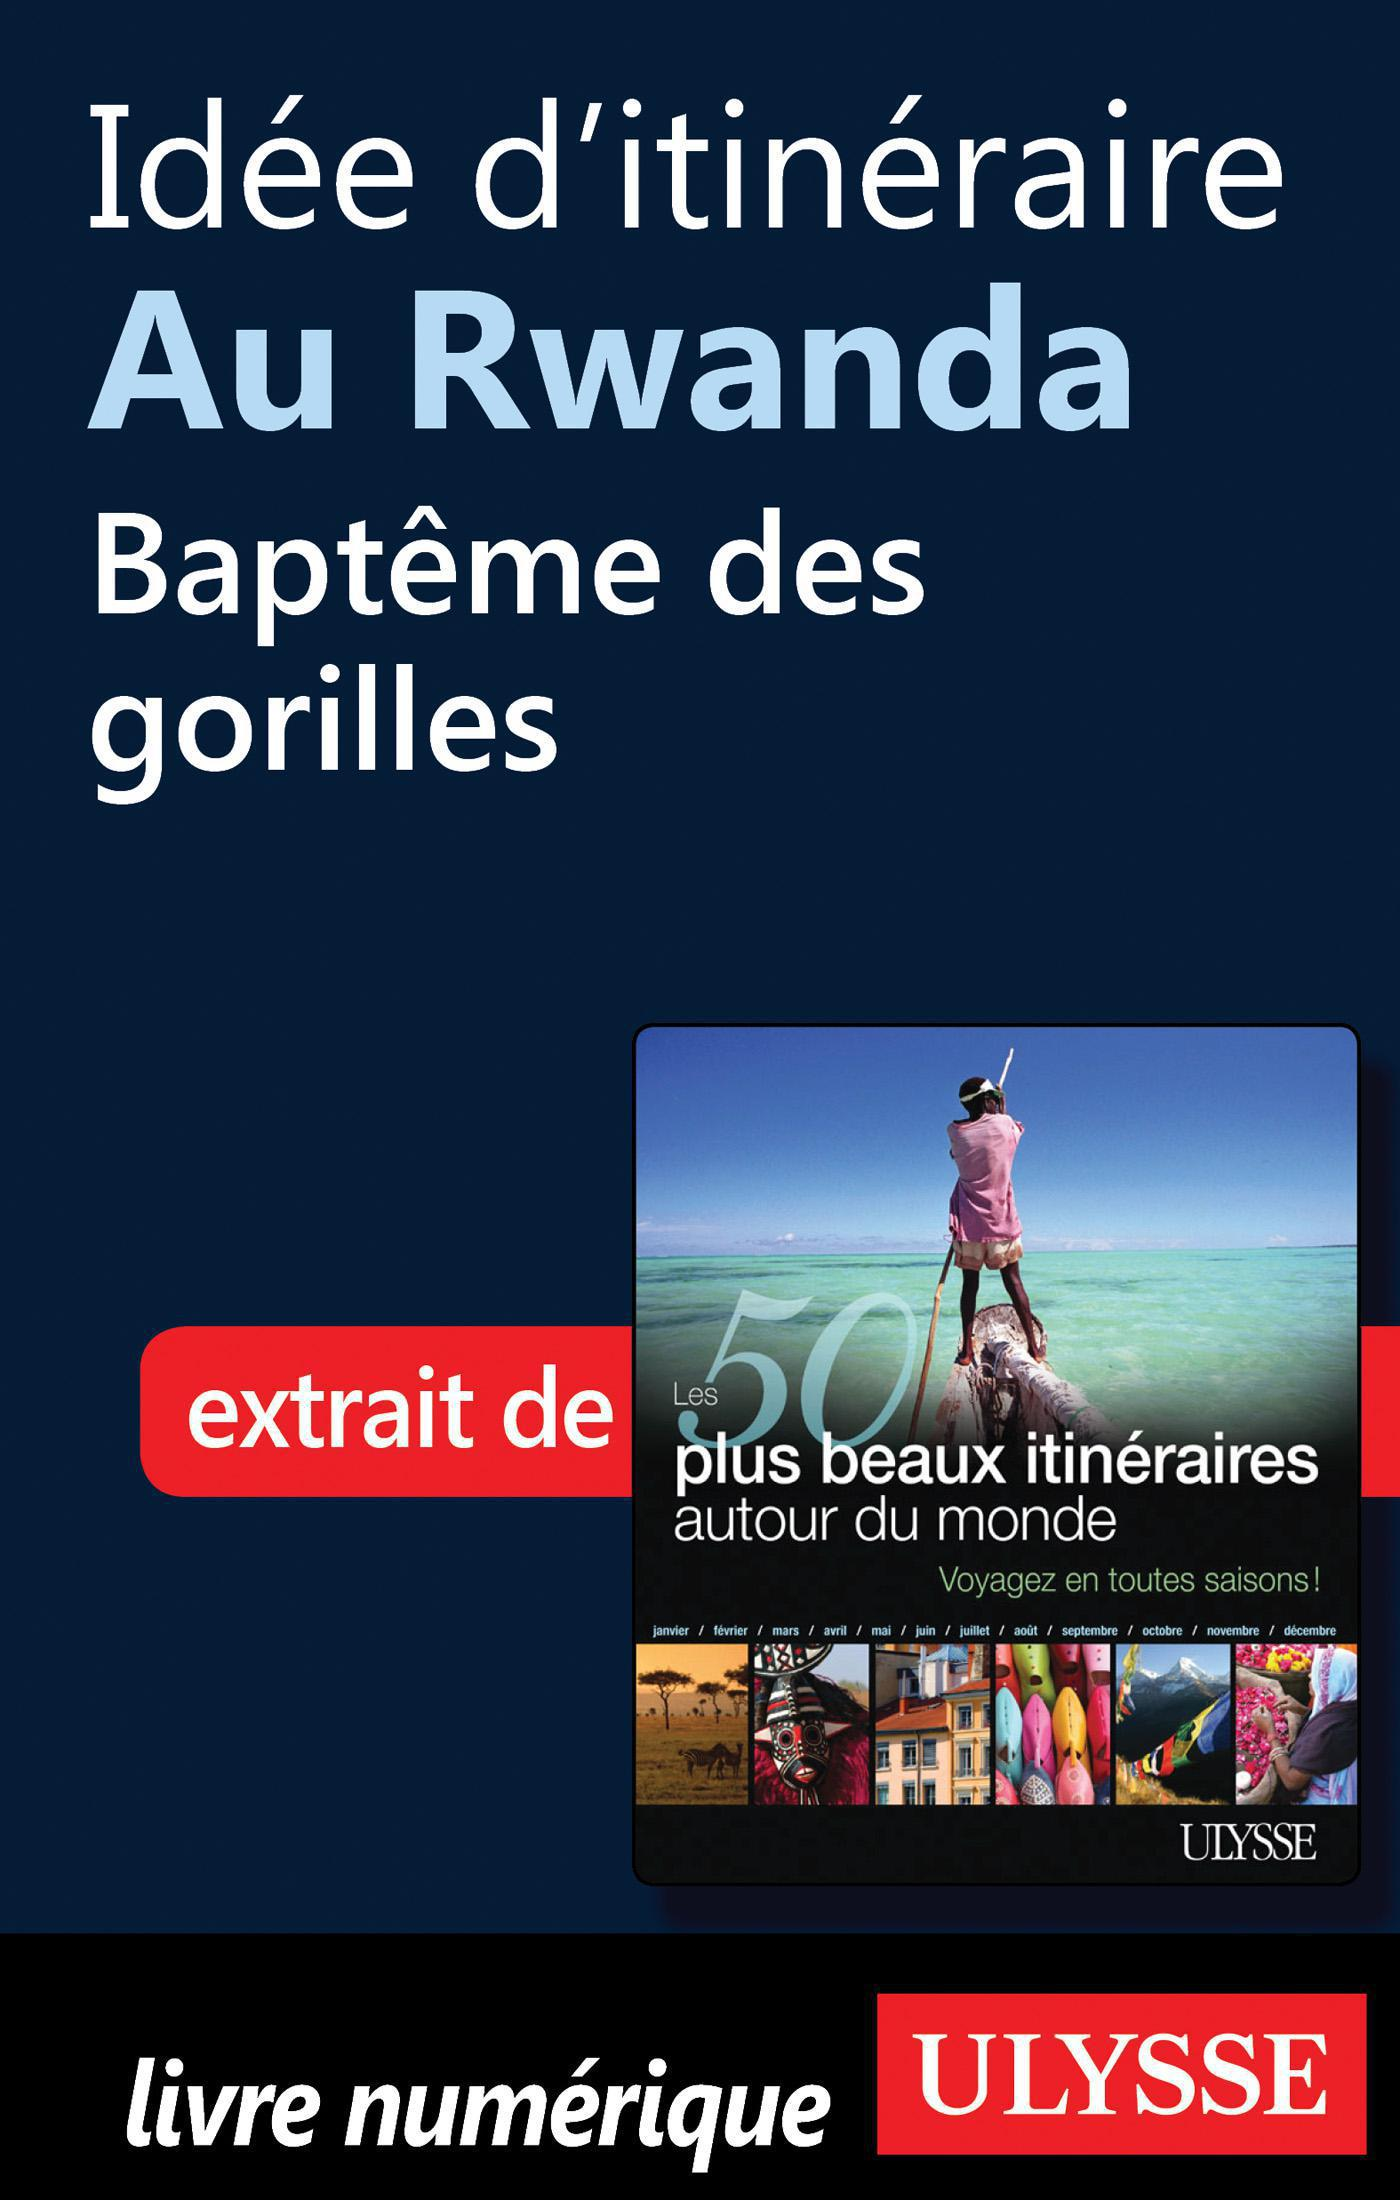 Idée d'itinéraire au Rwanda - Baptême des gorilles